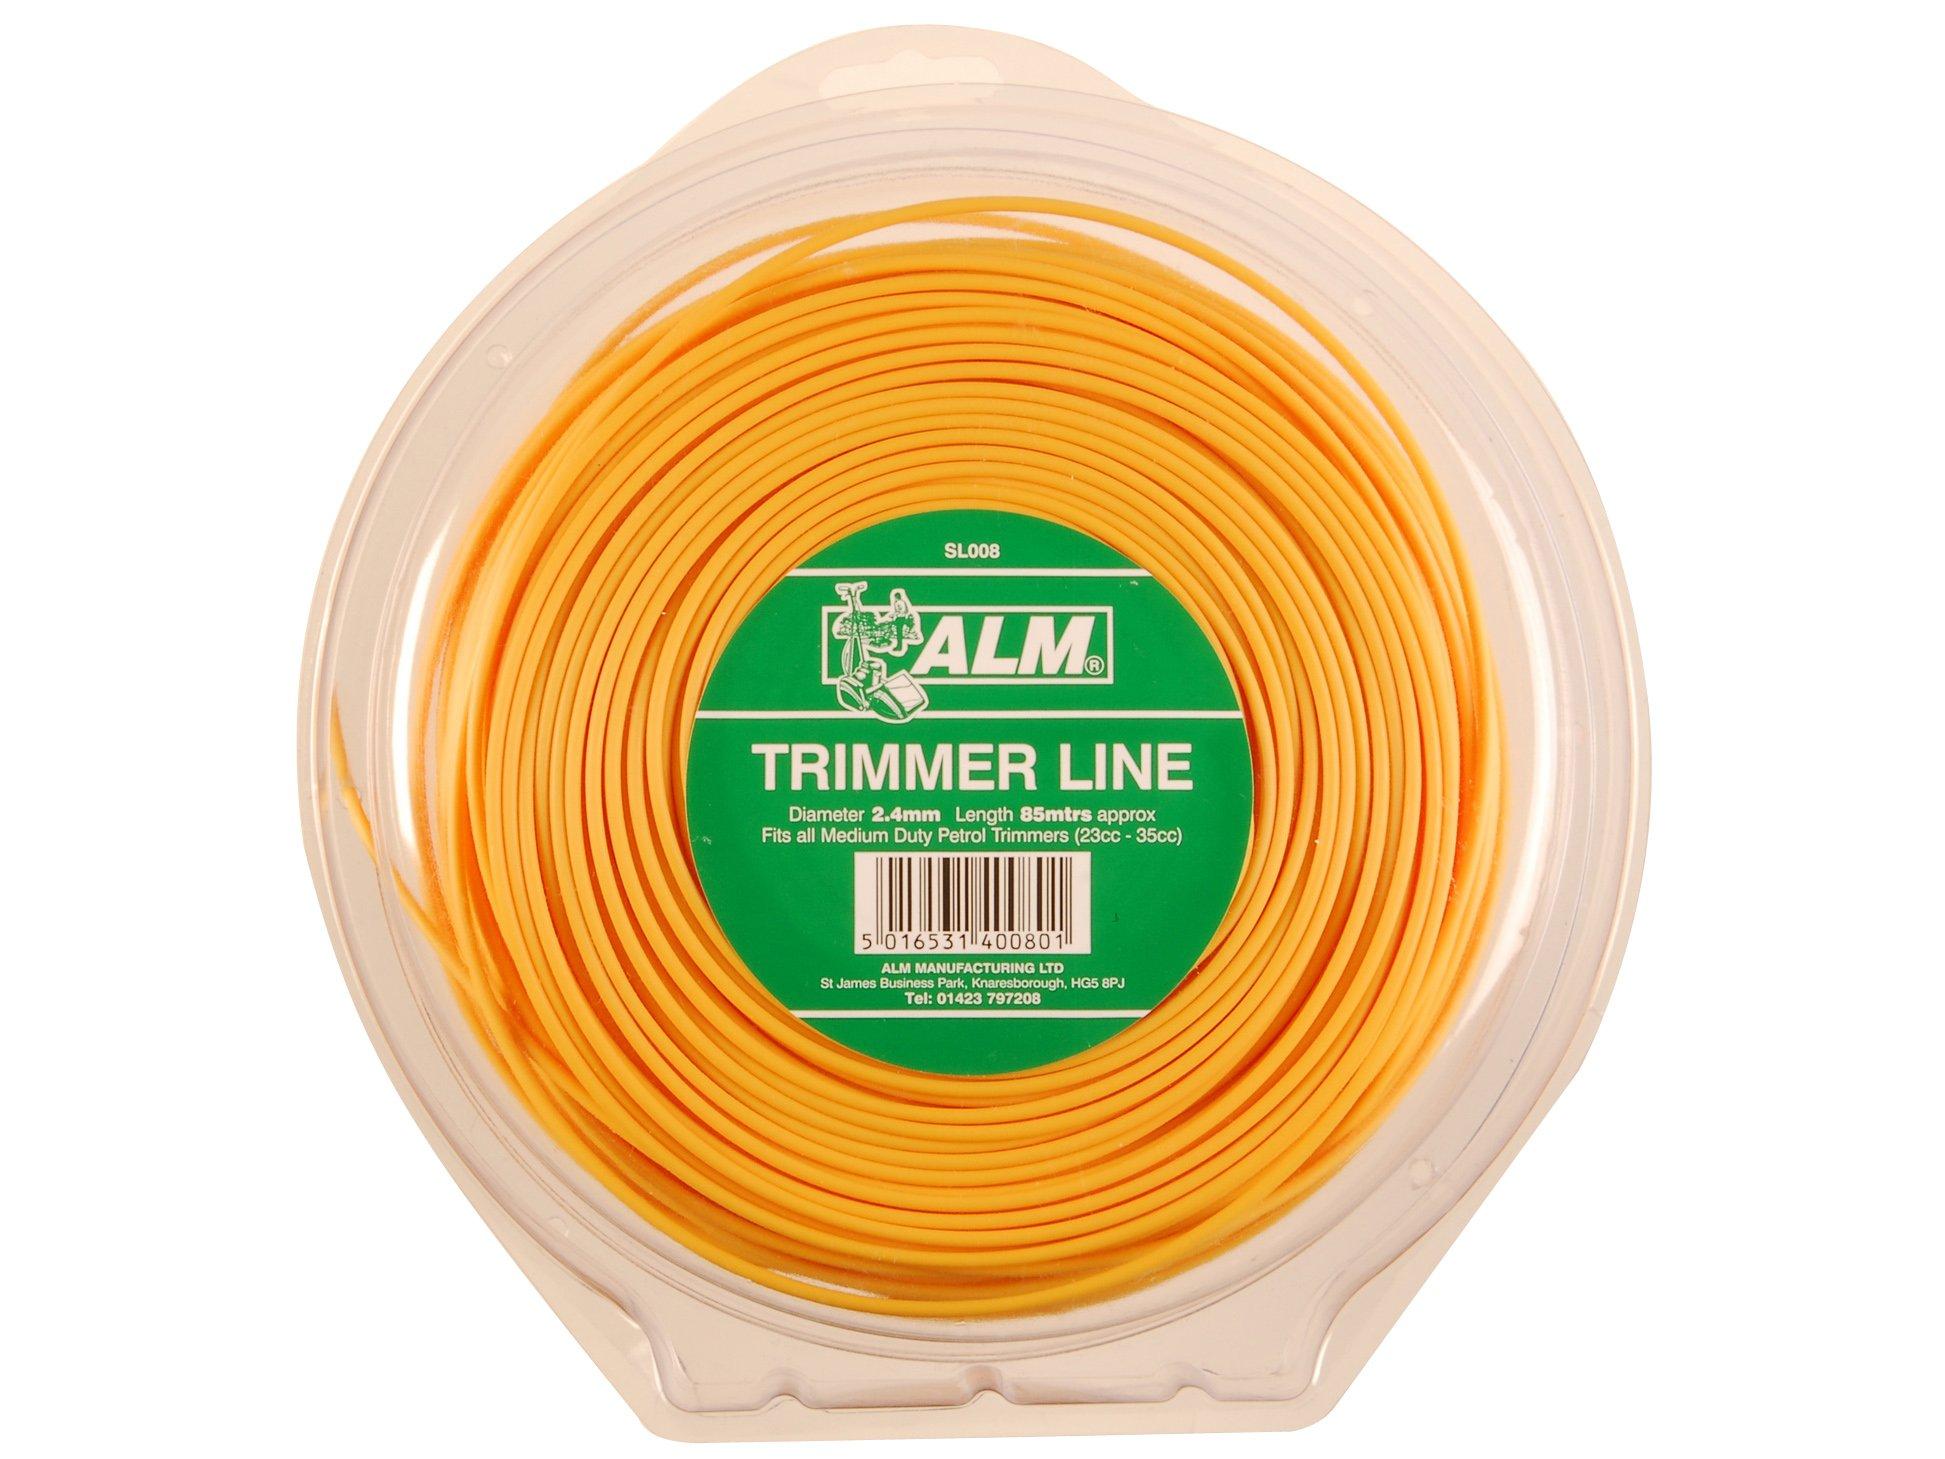 SL008 Medium-Duty Petrol Trimmer Line 2.4mm x 90m